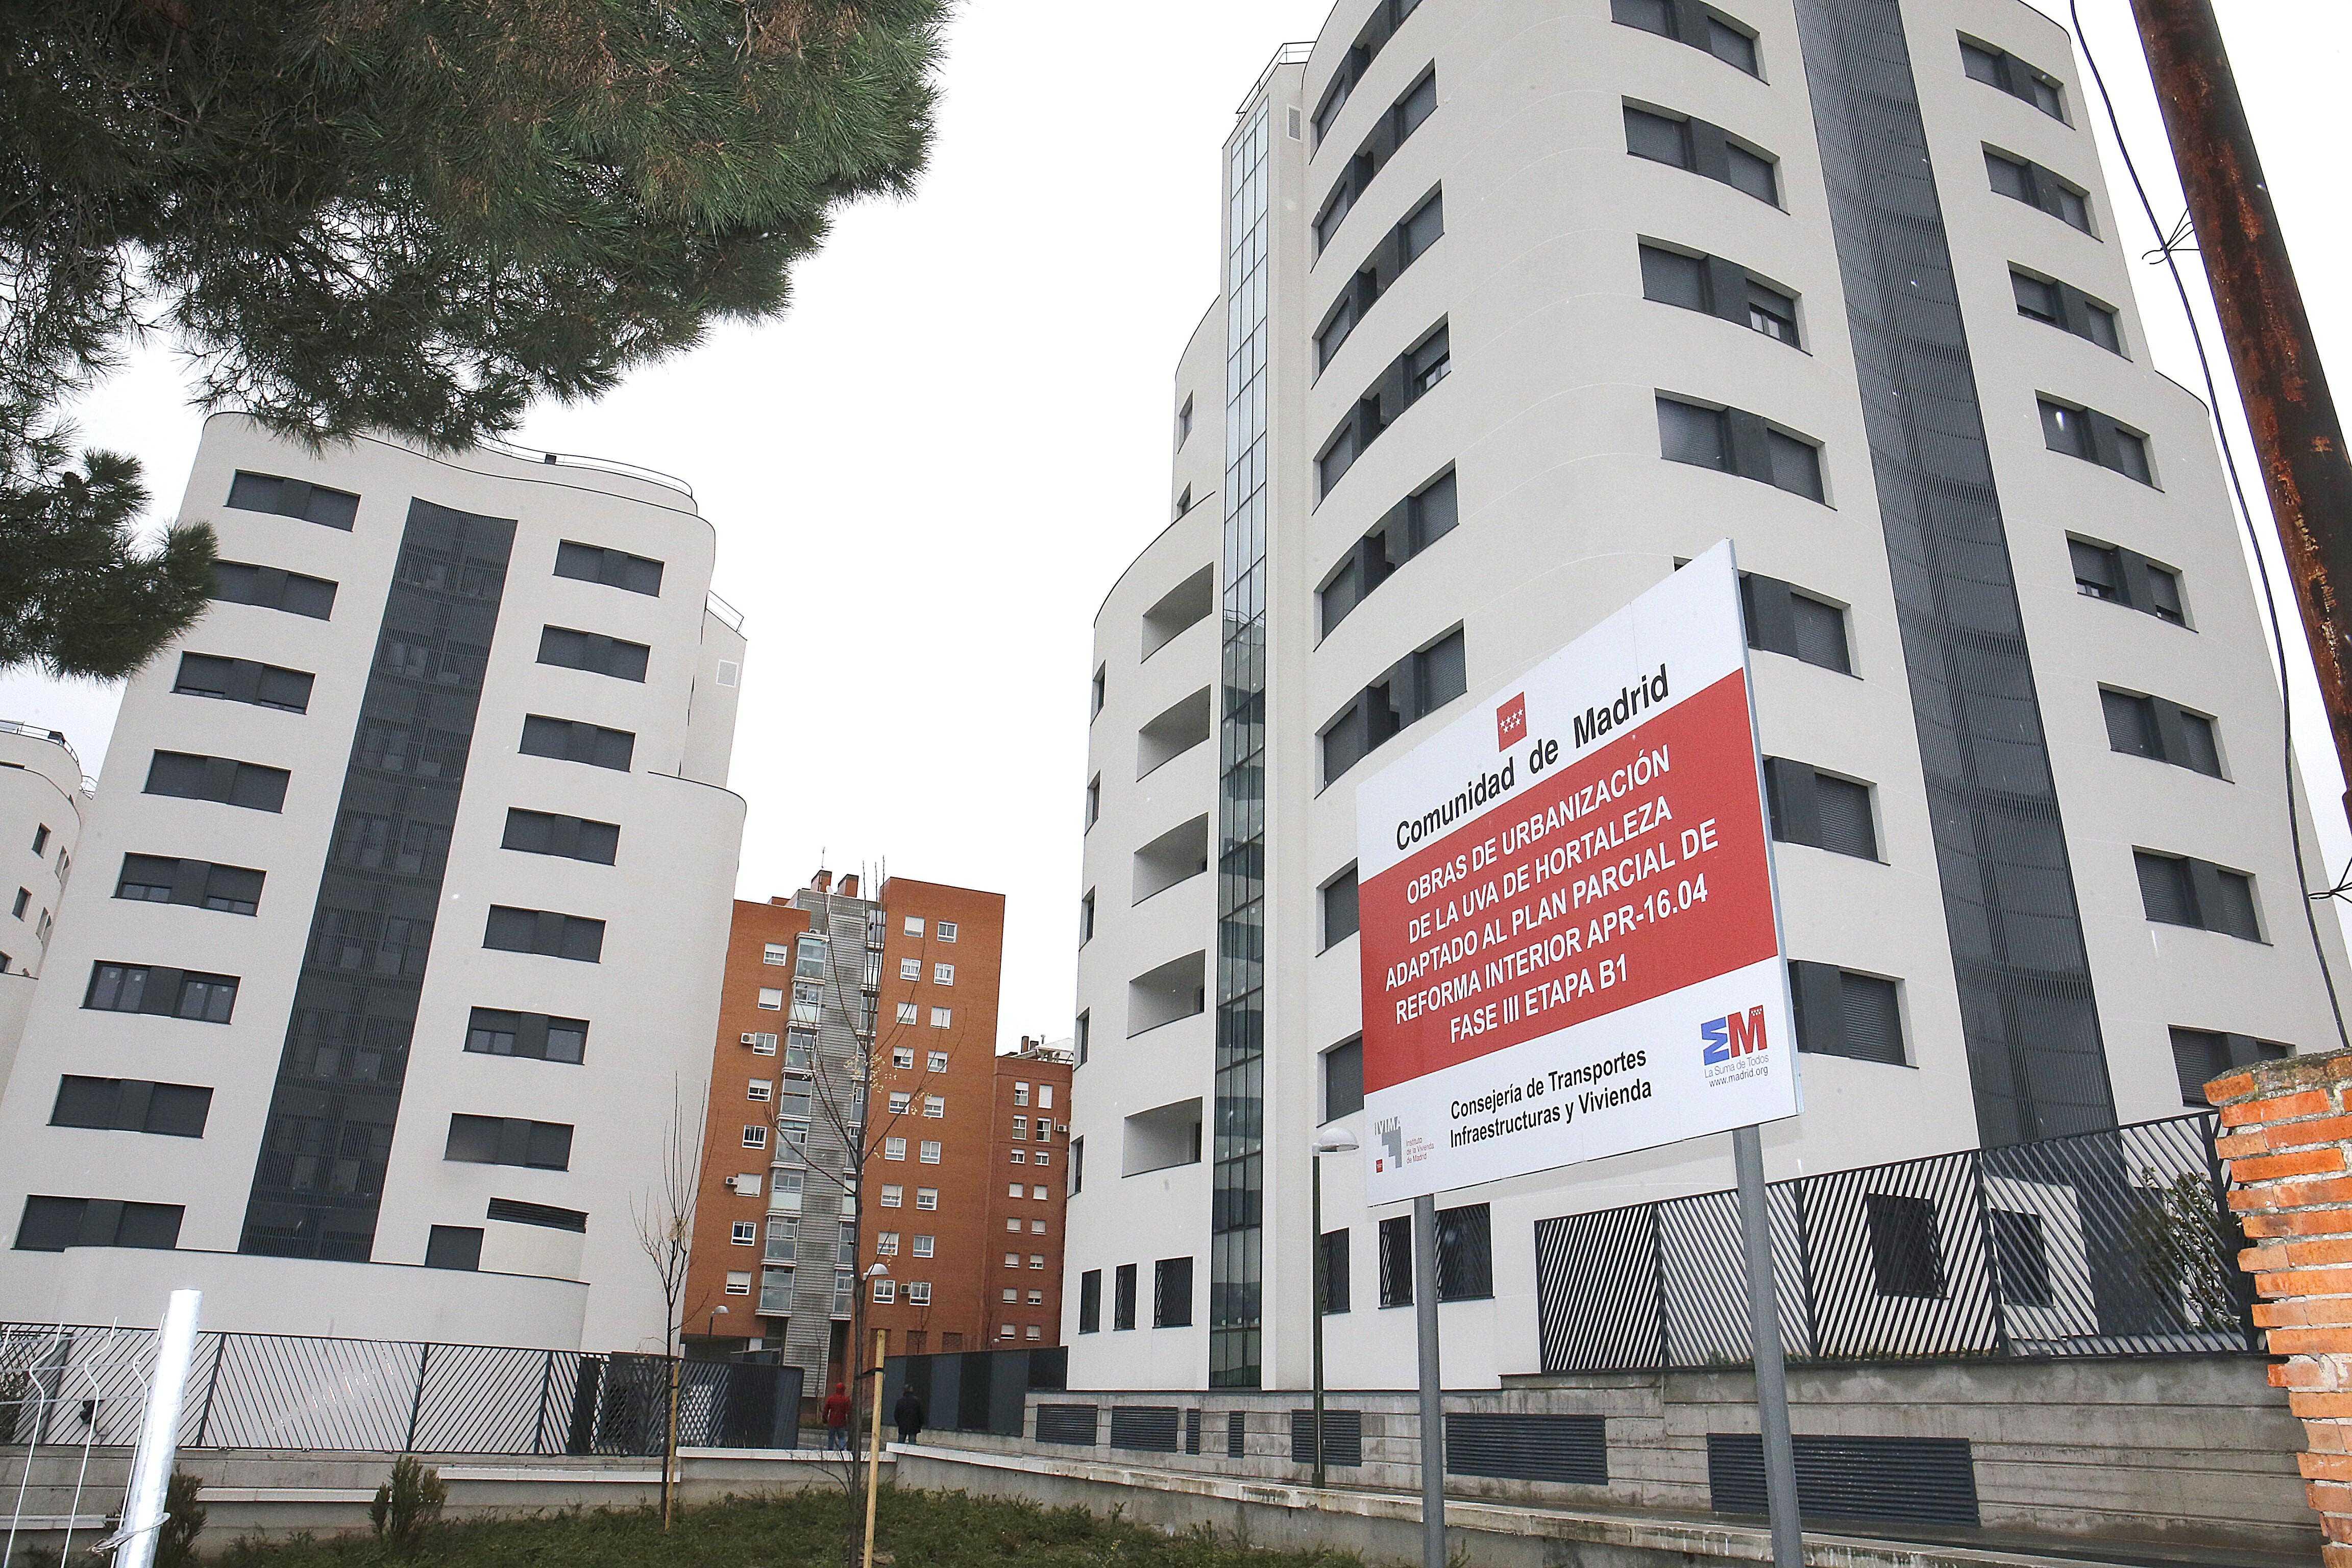 Alquiler de pisos sociales en madrid por 36 euros al mes for Alquiler pisos madrid